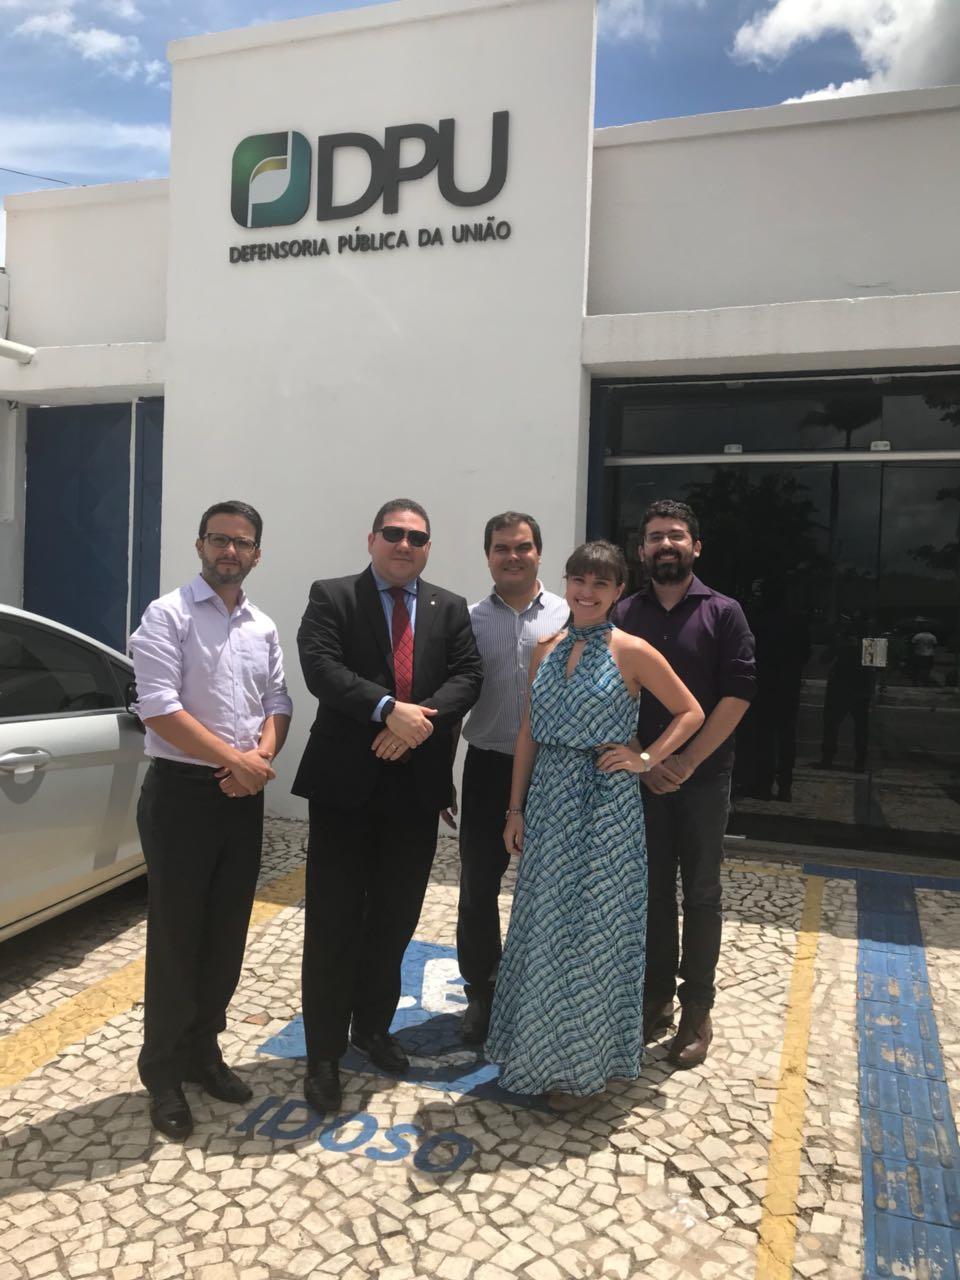 Resultado de imagem para DPU inaugura nova unidade em Sobral no Dia da Defensoria